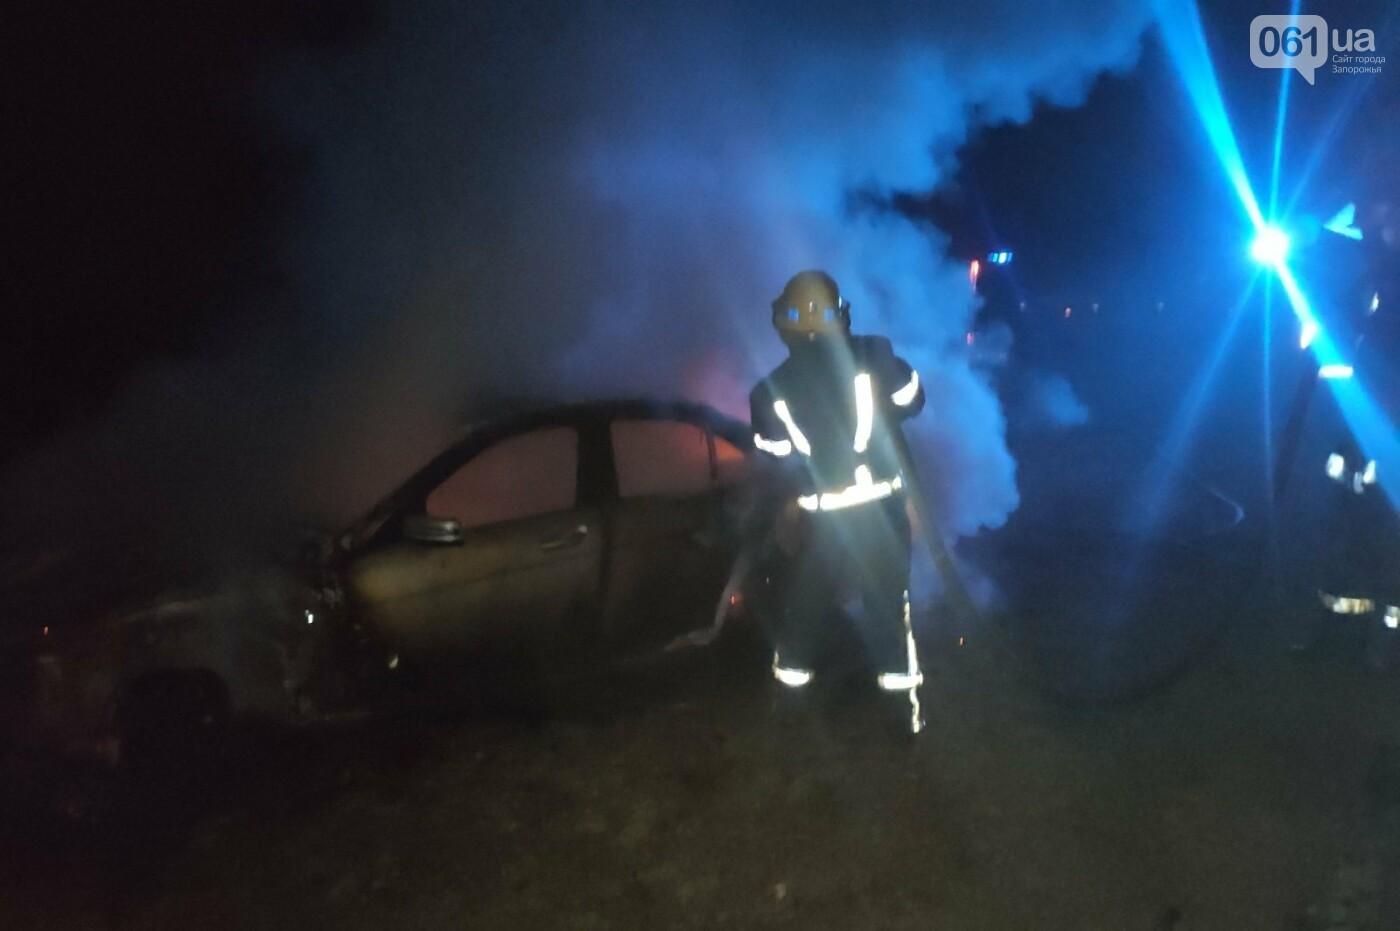 В Запорожской области загорелся Mercedes: авто тушили 5 спасателей, фото-1